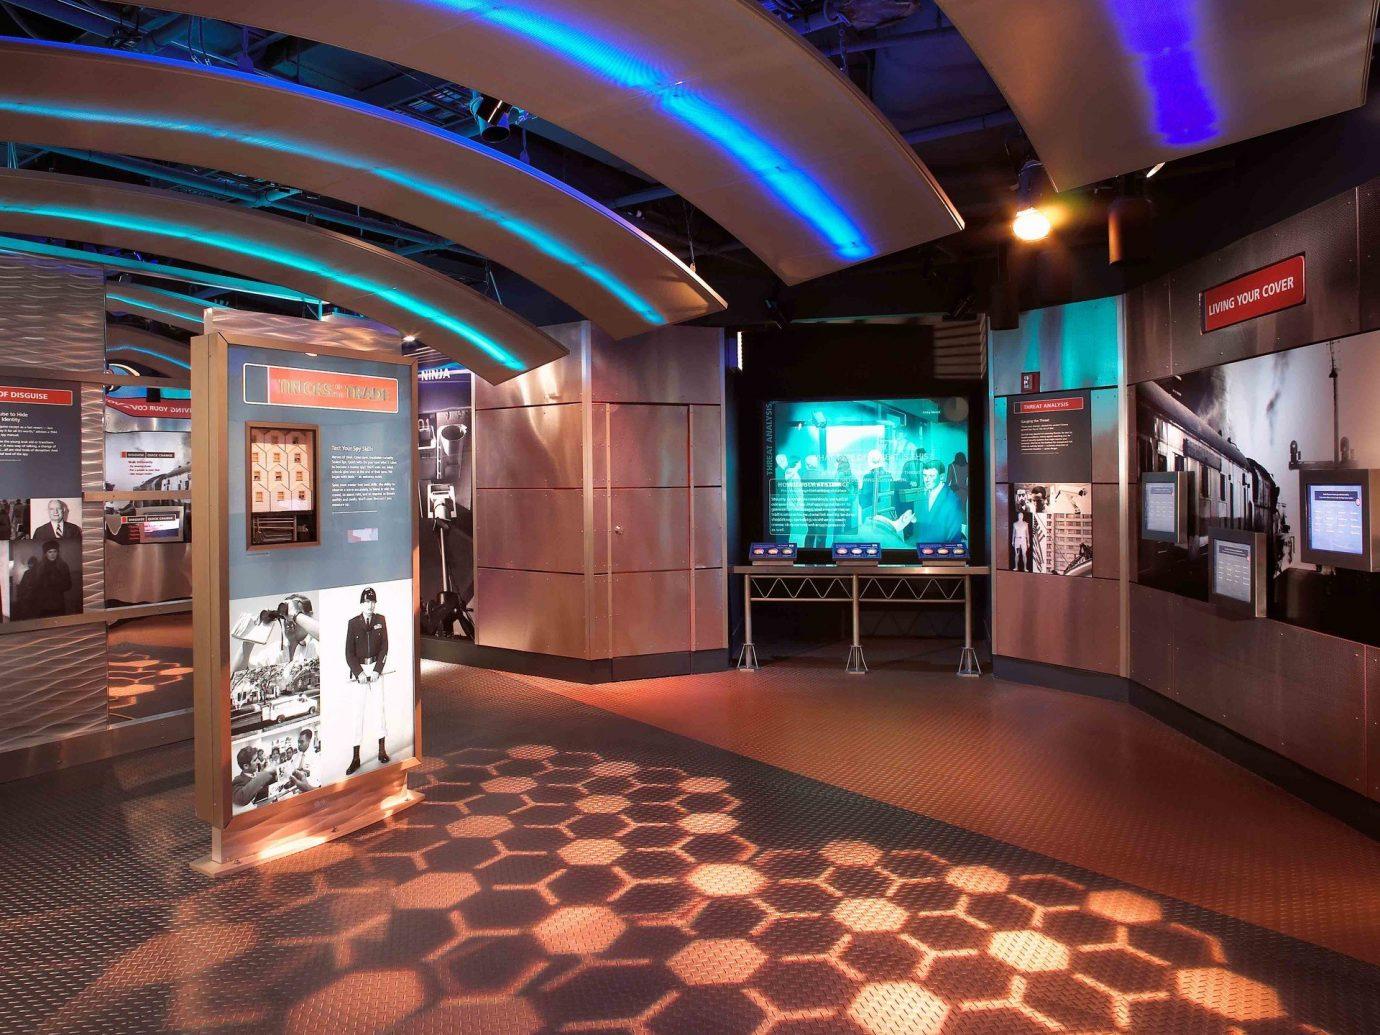 activities ambient lighting attraction dark dim exhibit interior lights Museums neon Offbeat floor indoor room Lobby interior design nightclub Design area